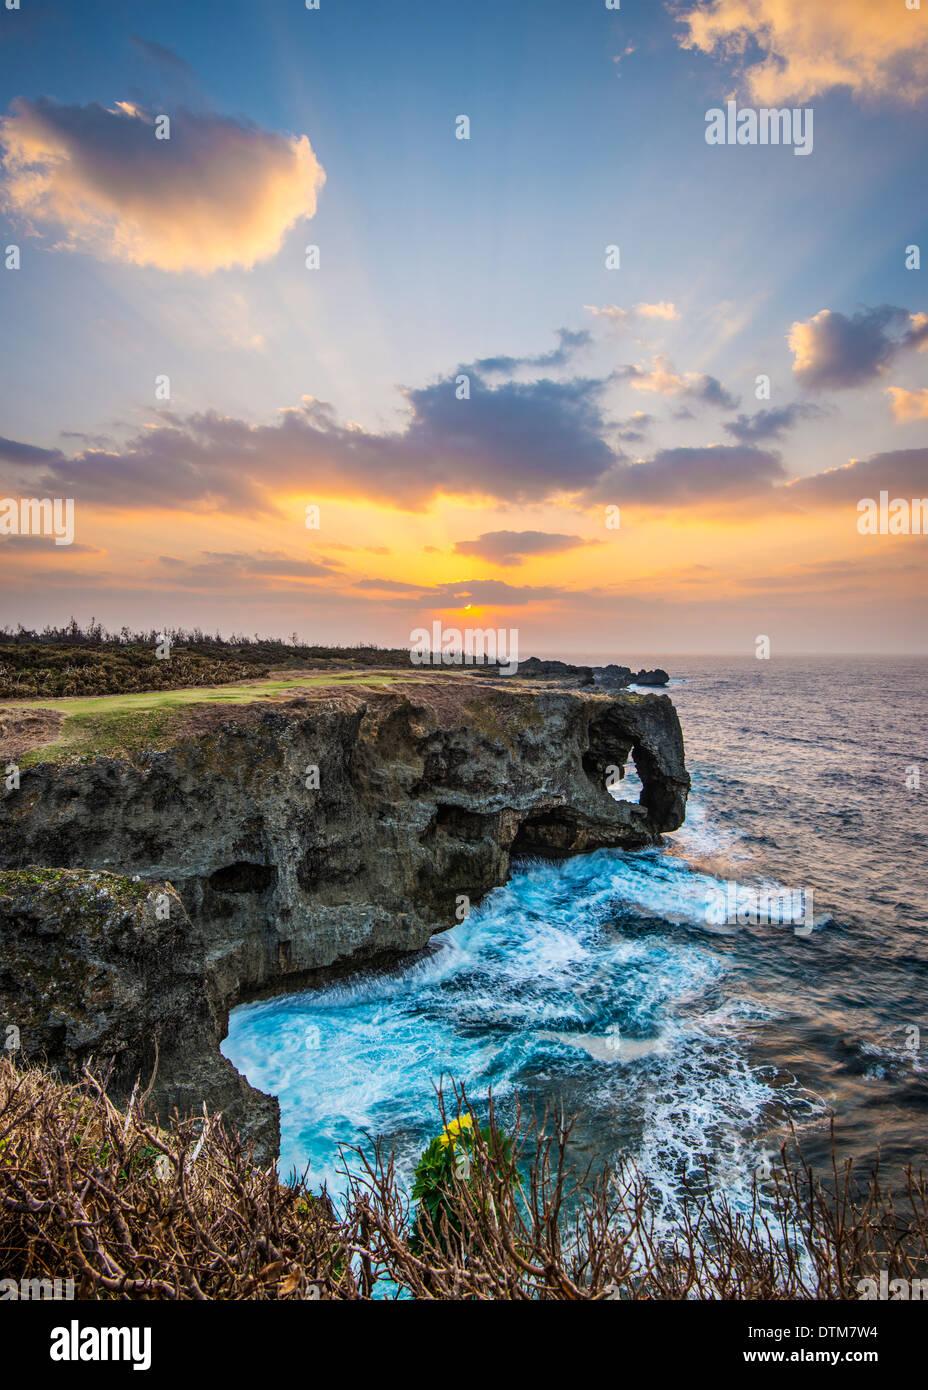 Manzamo Cape en Okinawa, Japón. Imagen De Stock